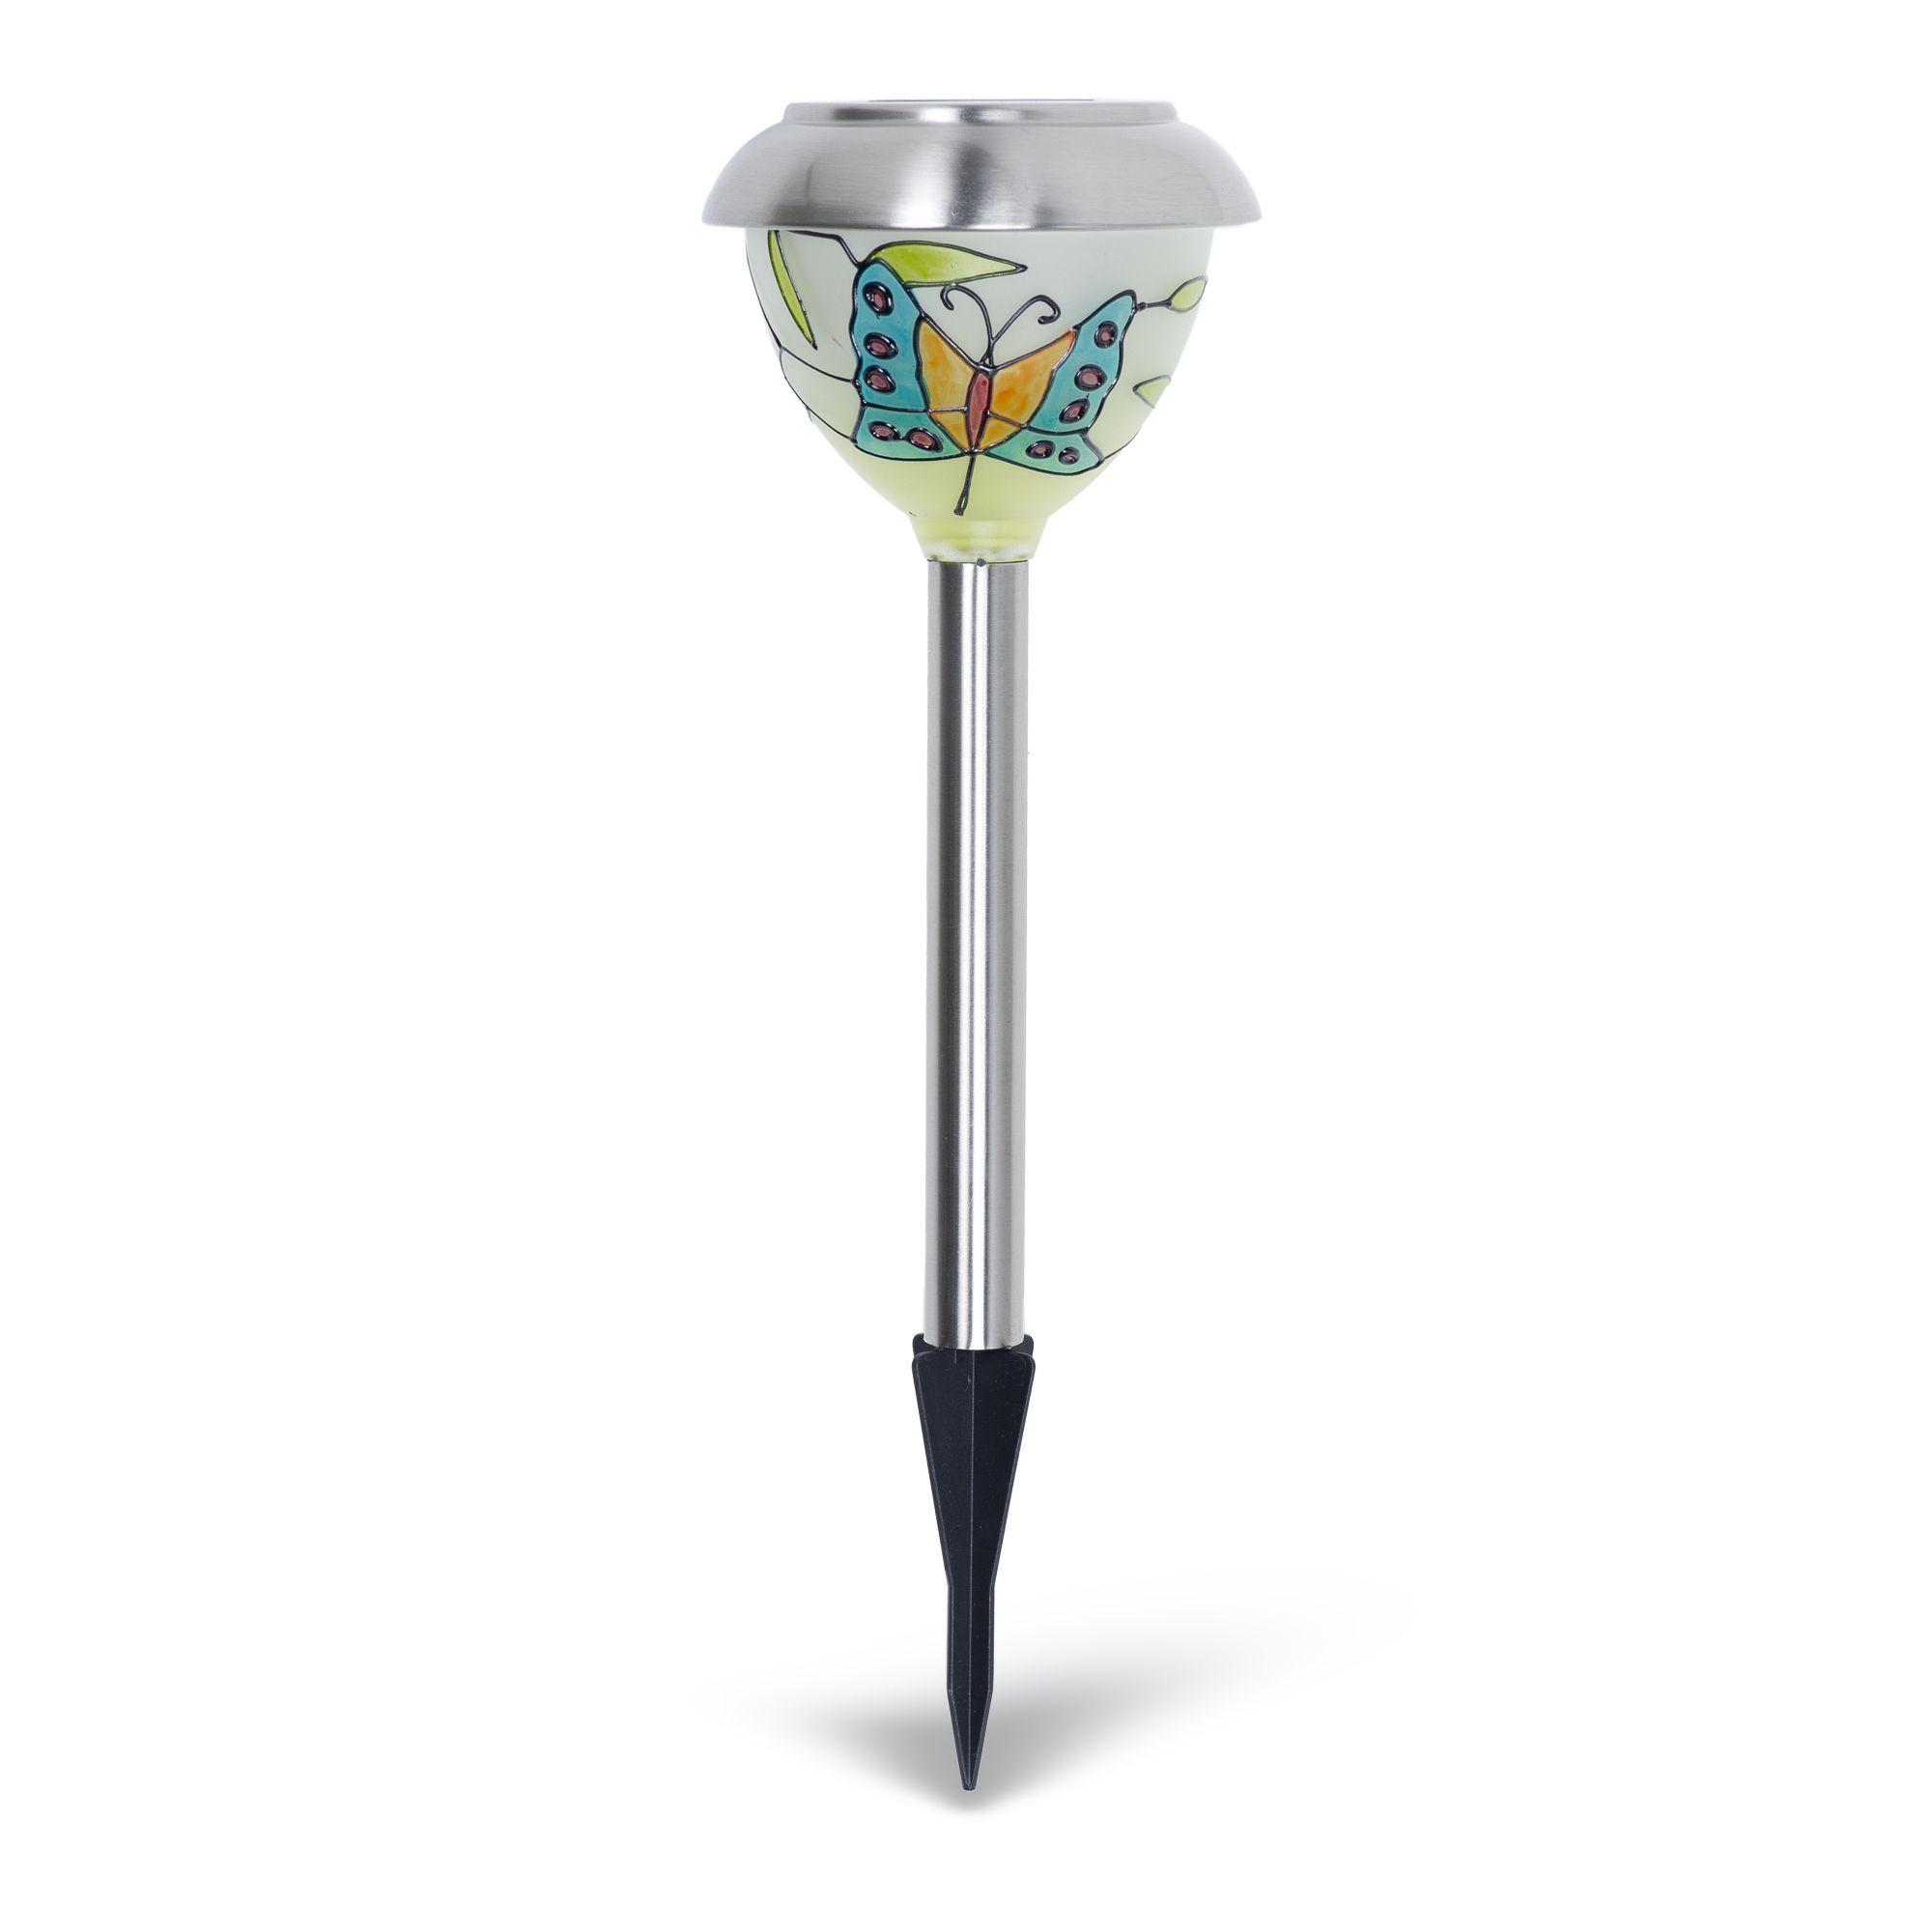 Luxform tiffany set lampade ad energia solare con vetro - Lampade da esterno ad energia solare ...